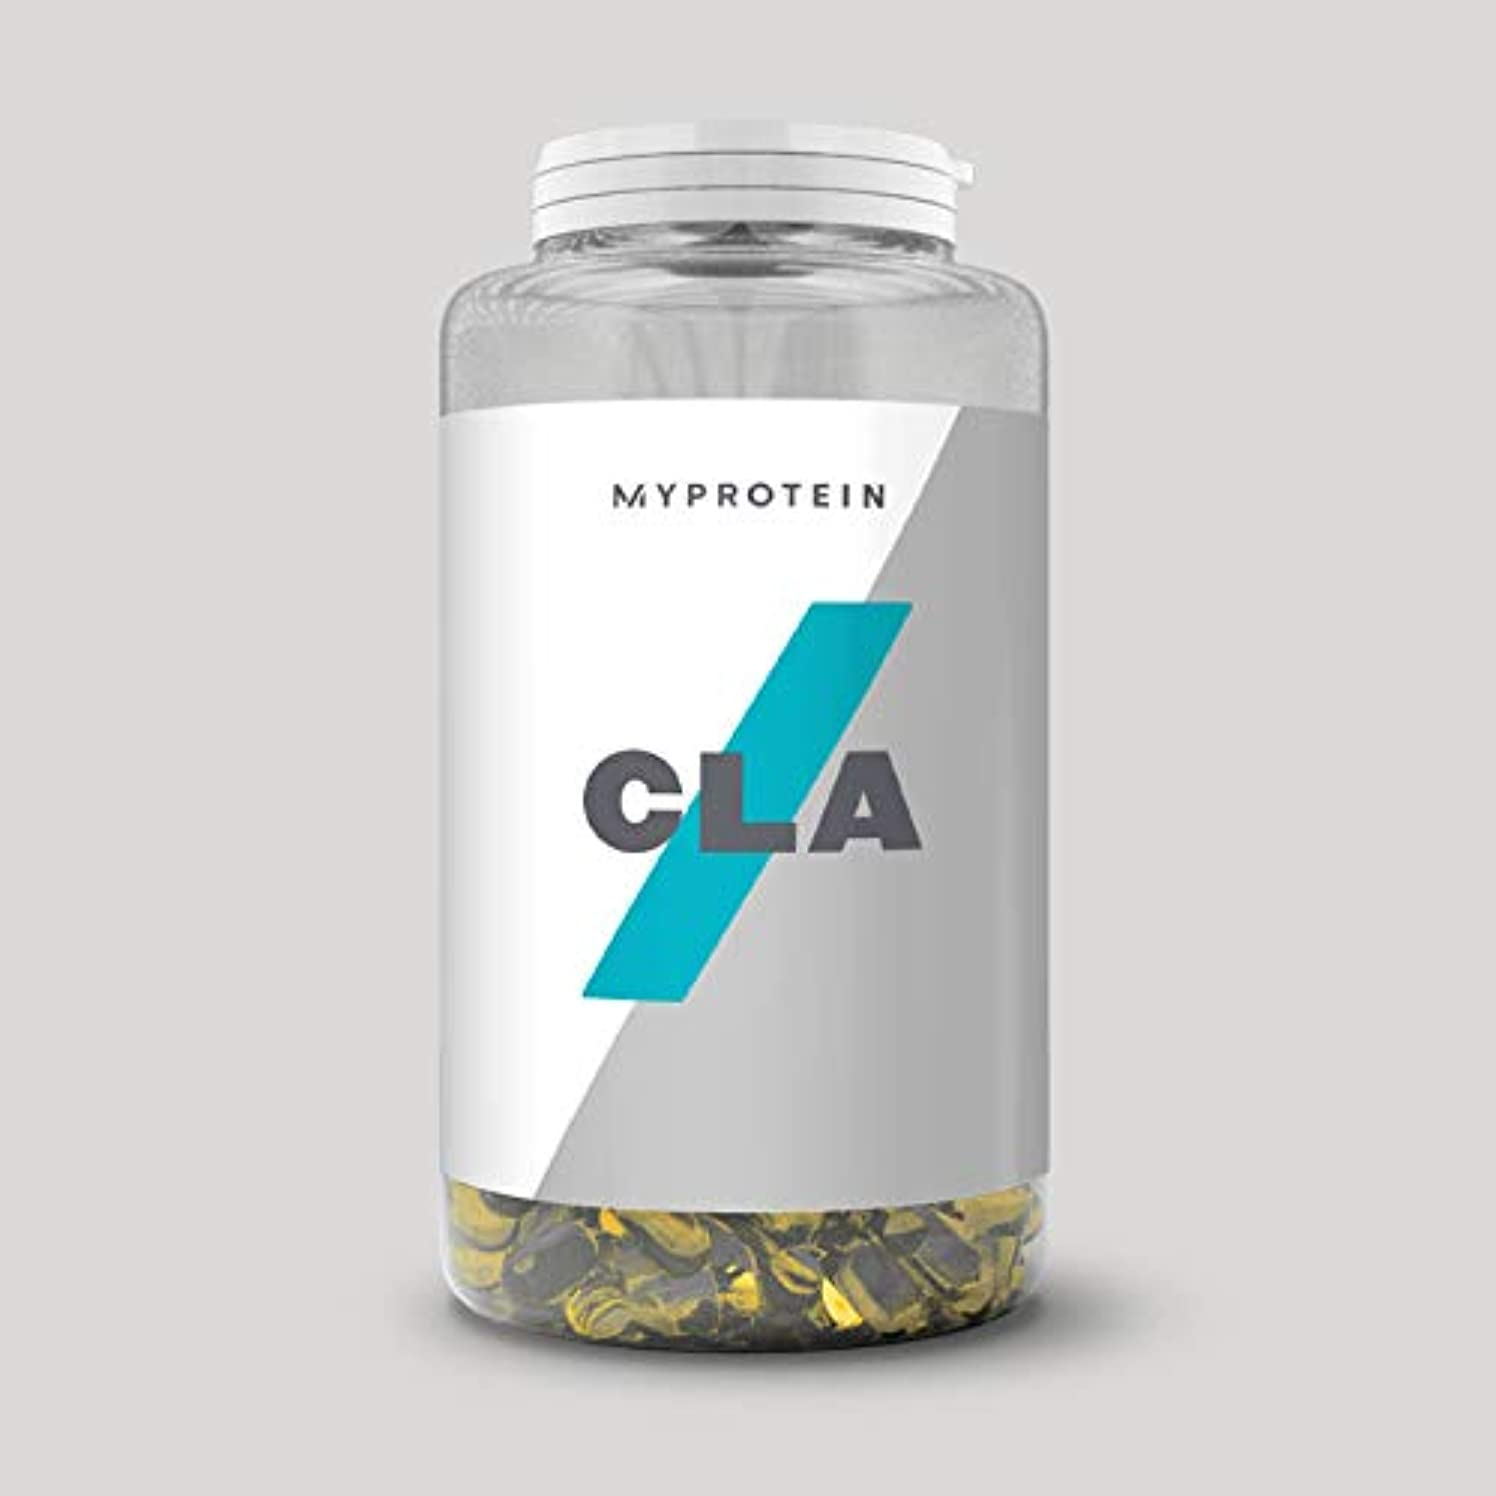 軽蔑浸透するお金マイプロテイン CLA(共役リノール酸)800mg 180錠